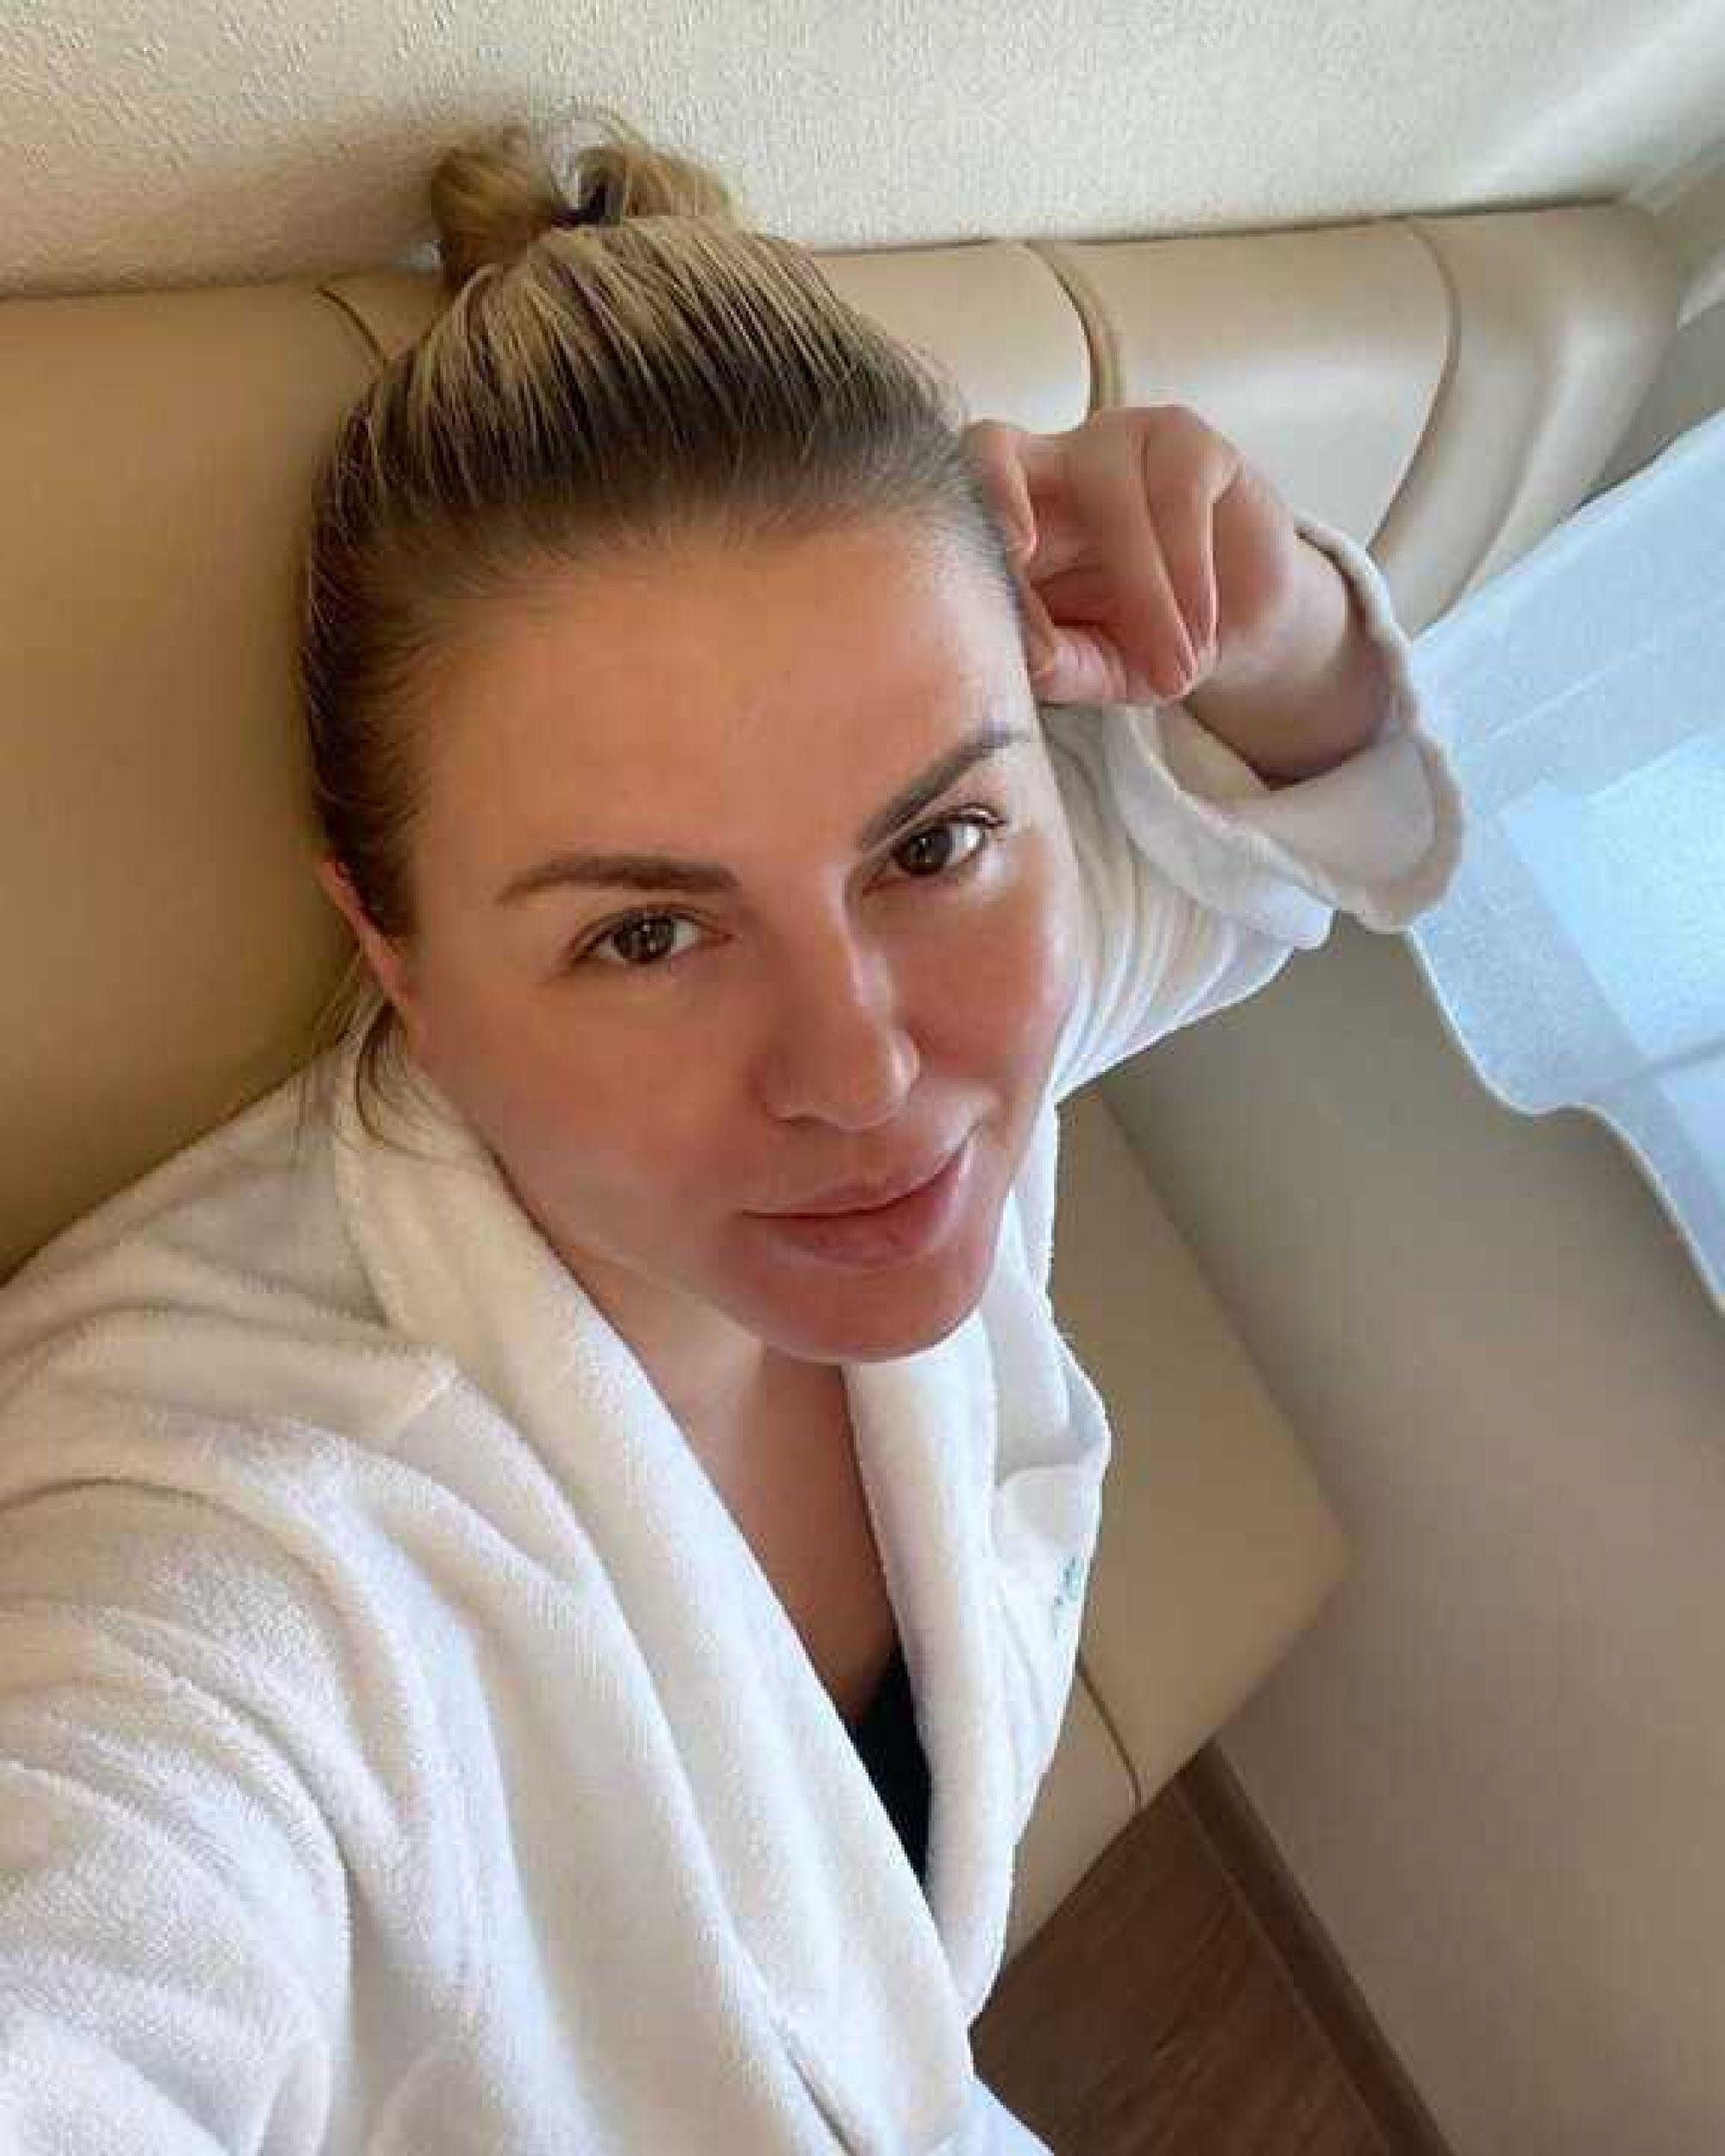 Пухляш исполнил свою мечту, упав лицом в грудь Анне Семенович